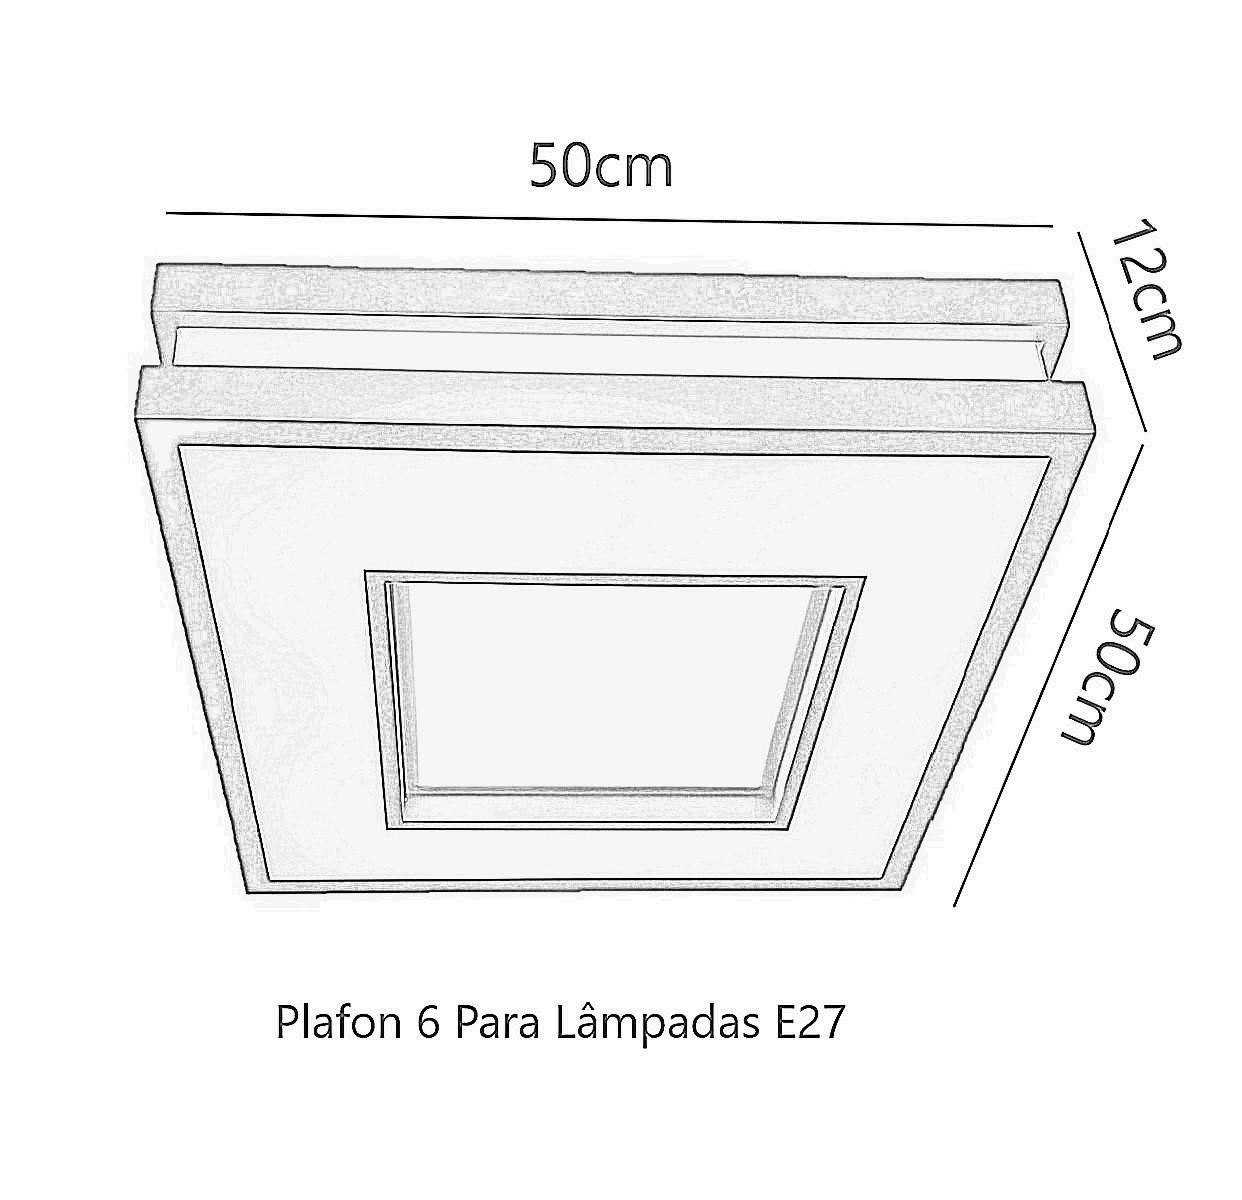 Plafon Moderno Decorativo 50cm Branco Para Sala Mesa Cozinha Quarto Escritório